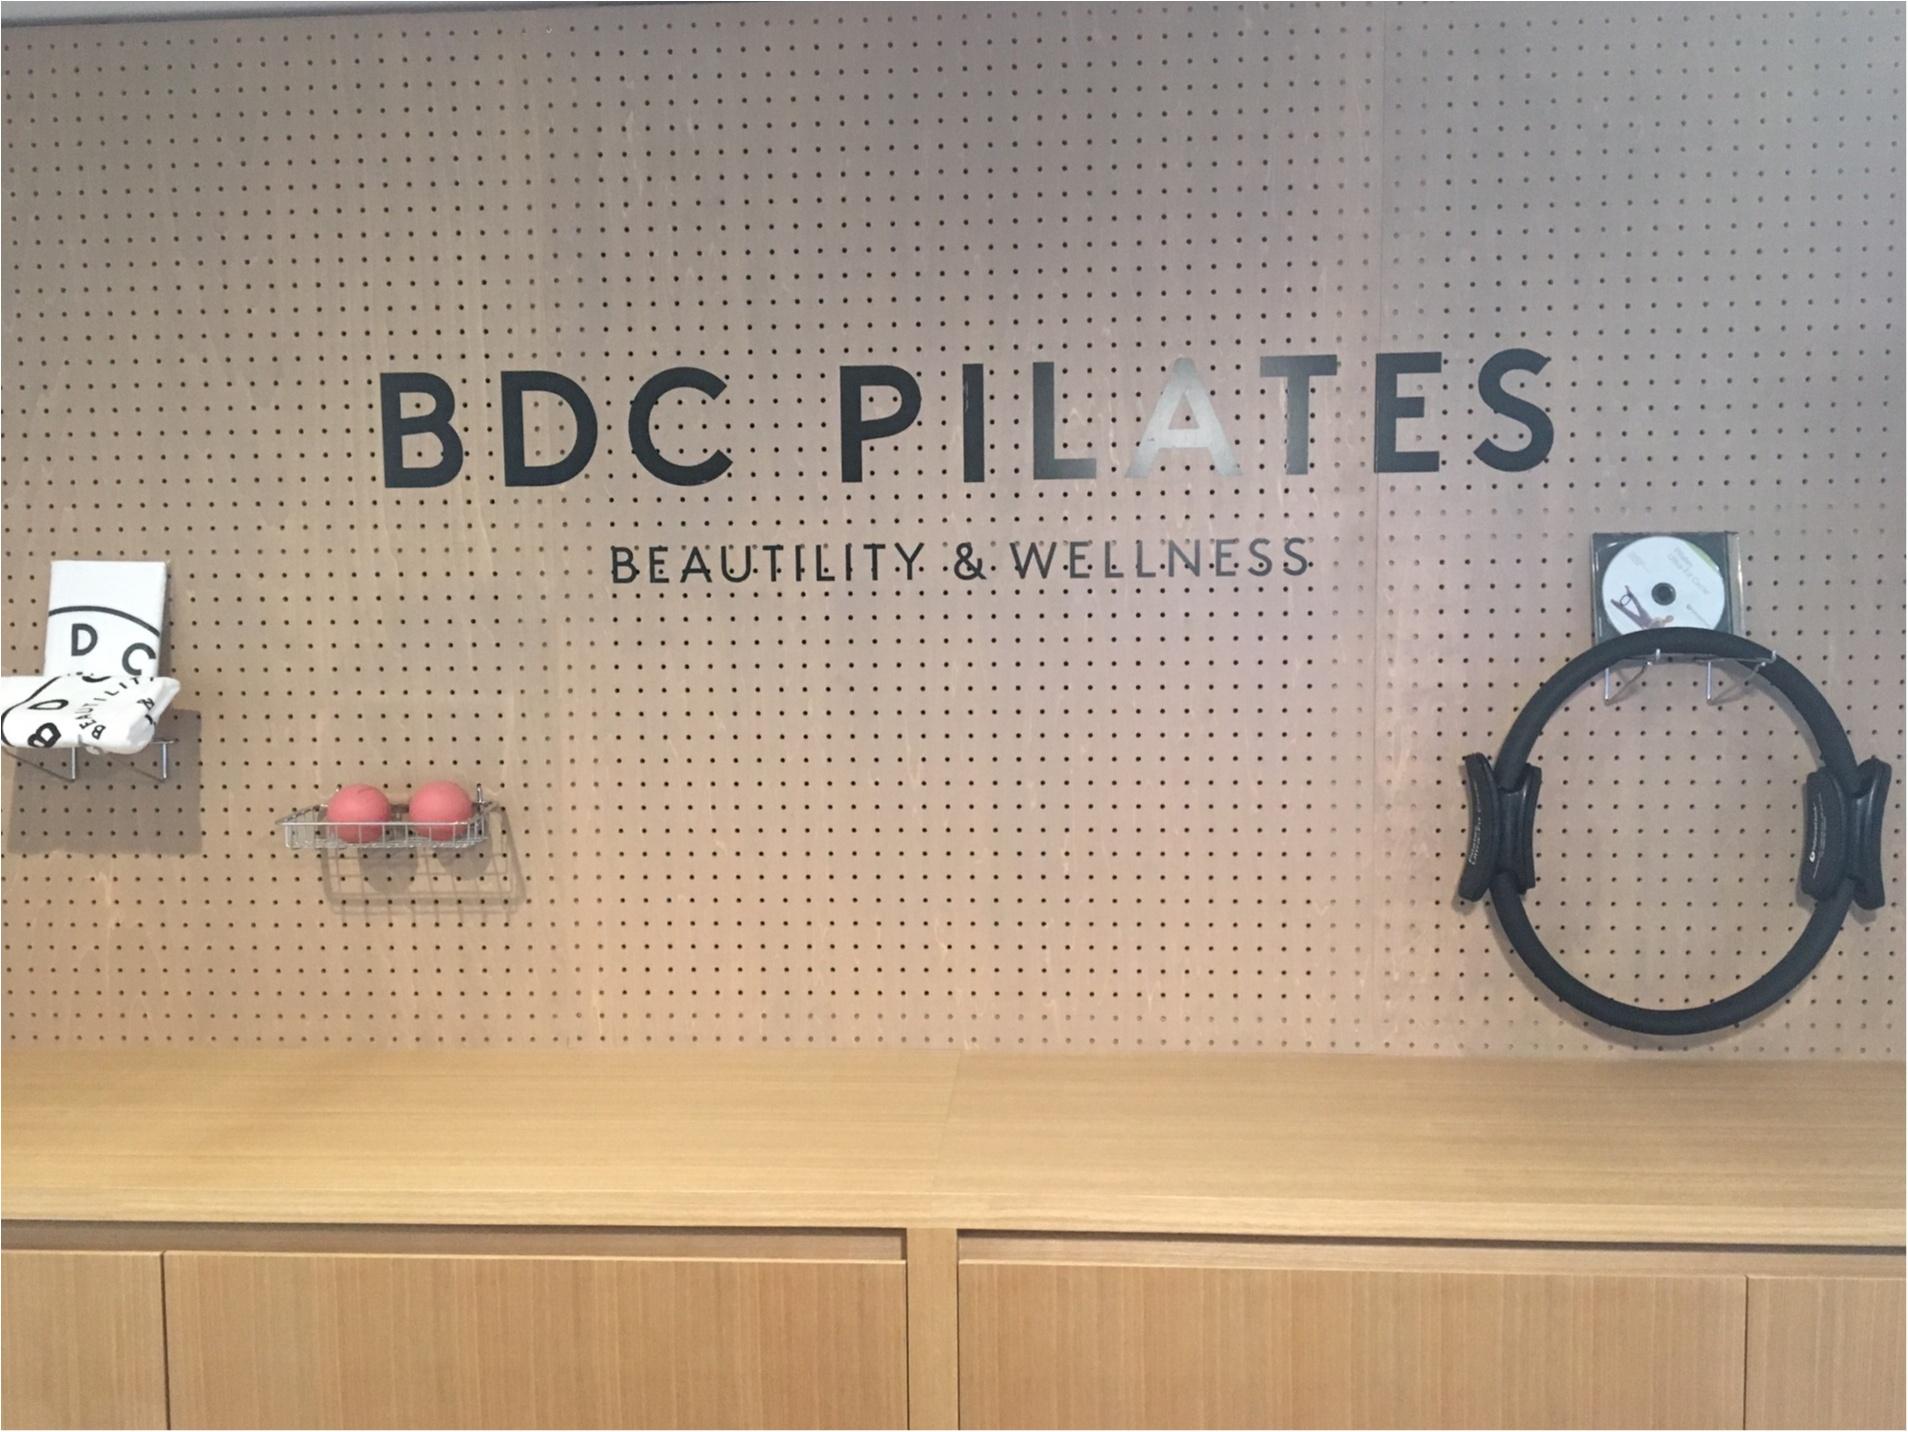 マシンピラティスで美ボディを手にいれる! 『BDC PILATES』が表参道にオープン☆_1